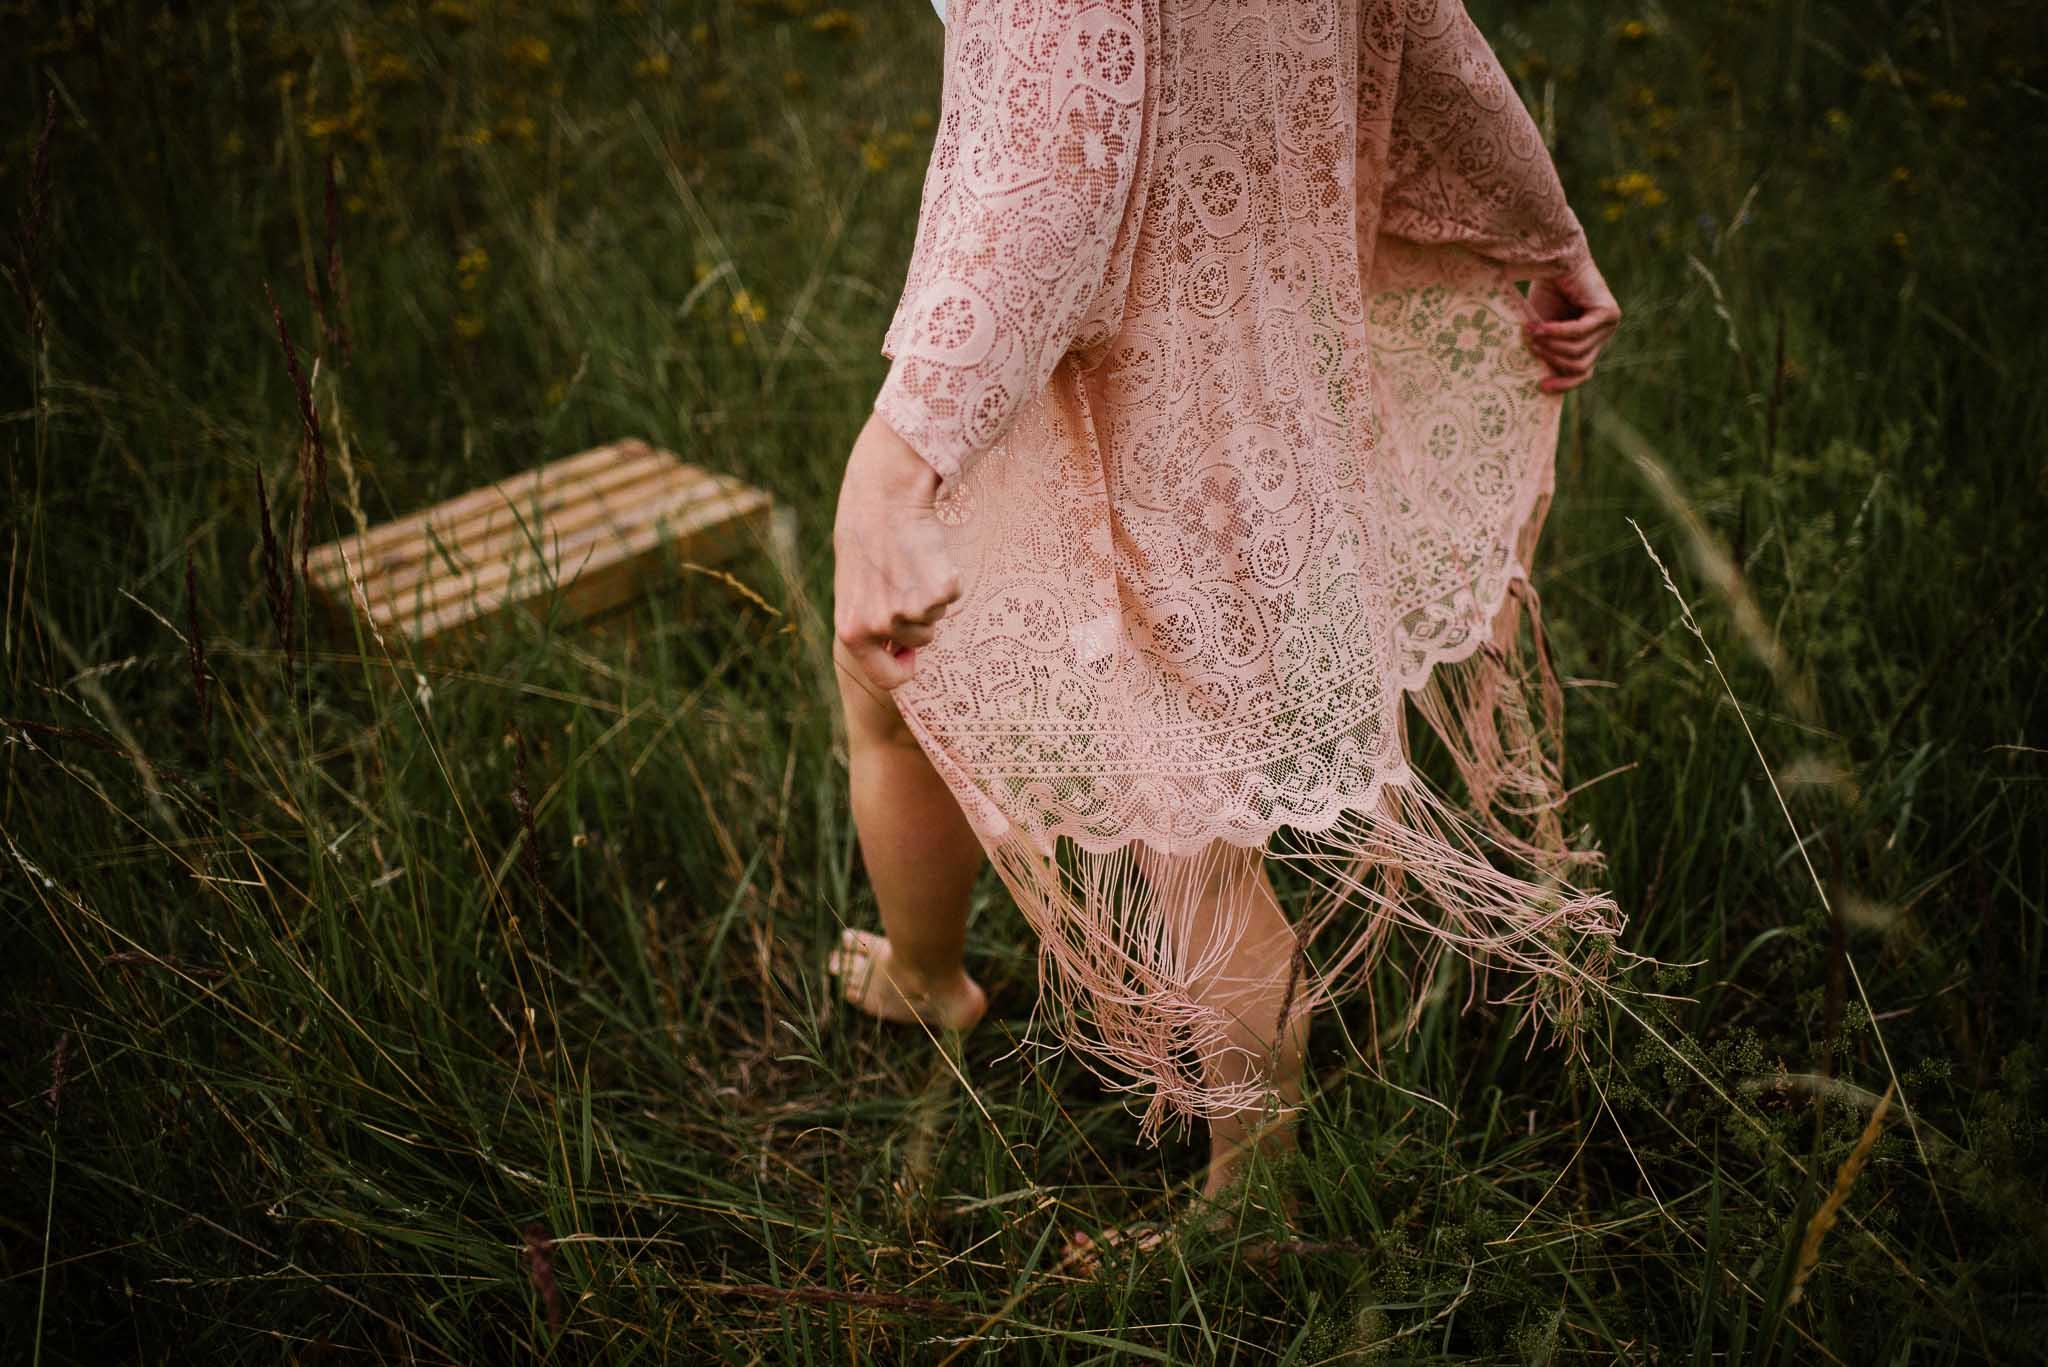 Kobieta idzie przez łąkę w stronę drewnianej skrzyni, zbliżenie na nogi - sesja kobieca sensualna w plenerze Poznań